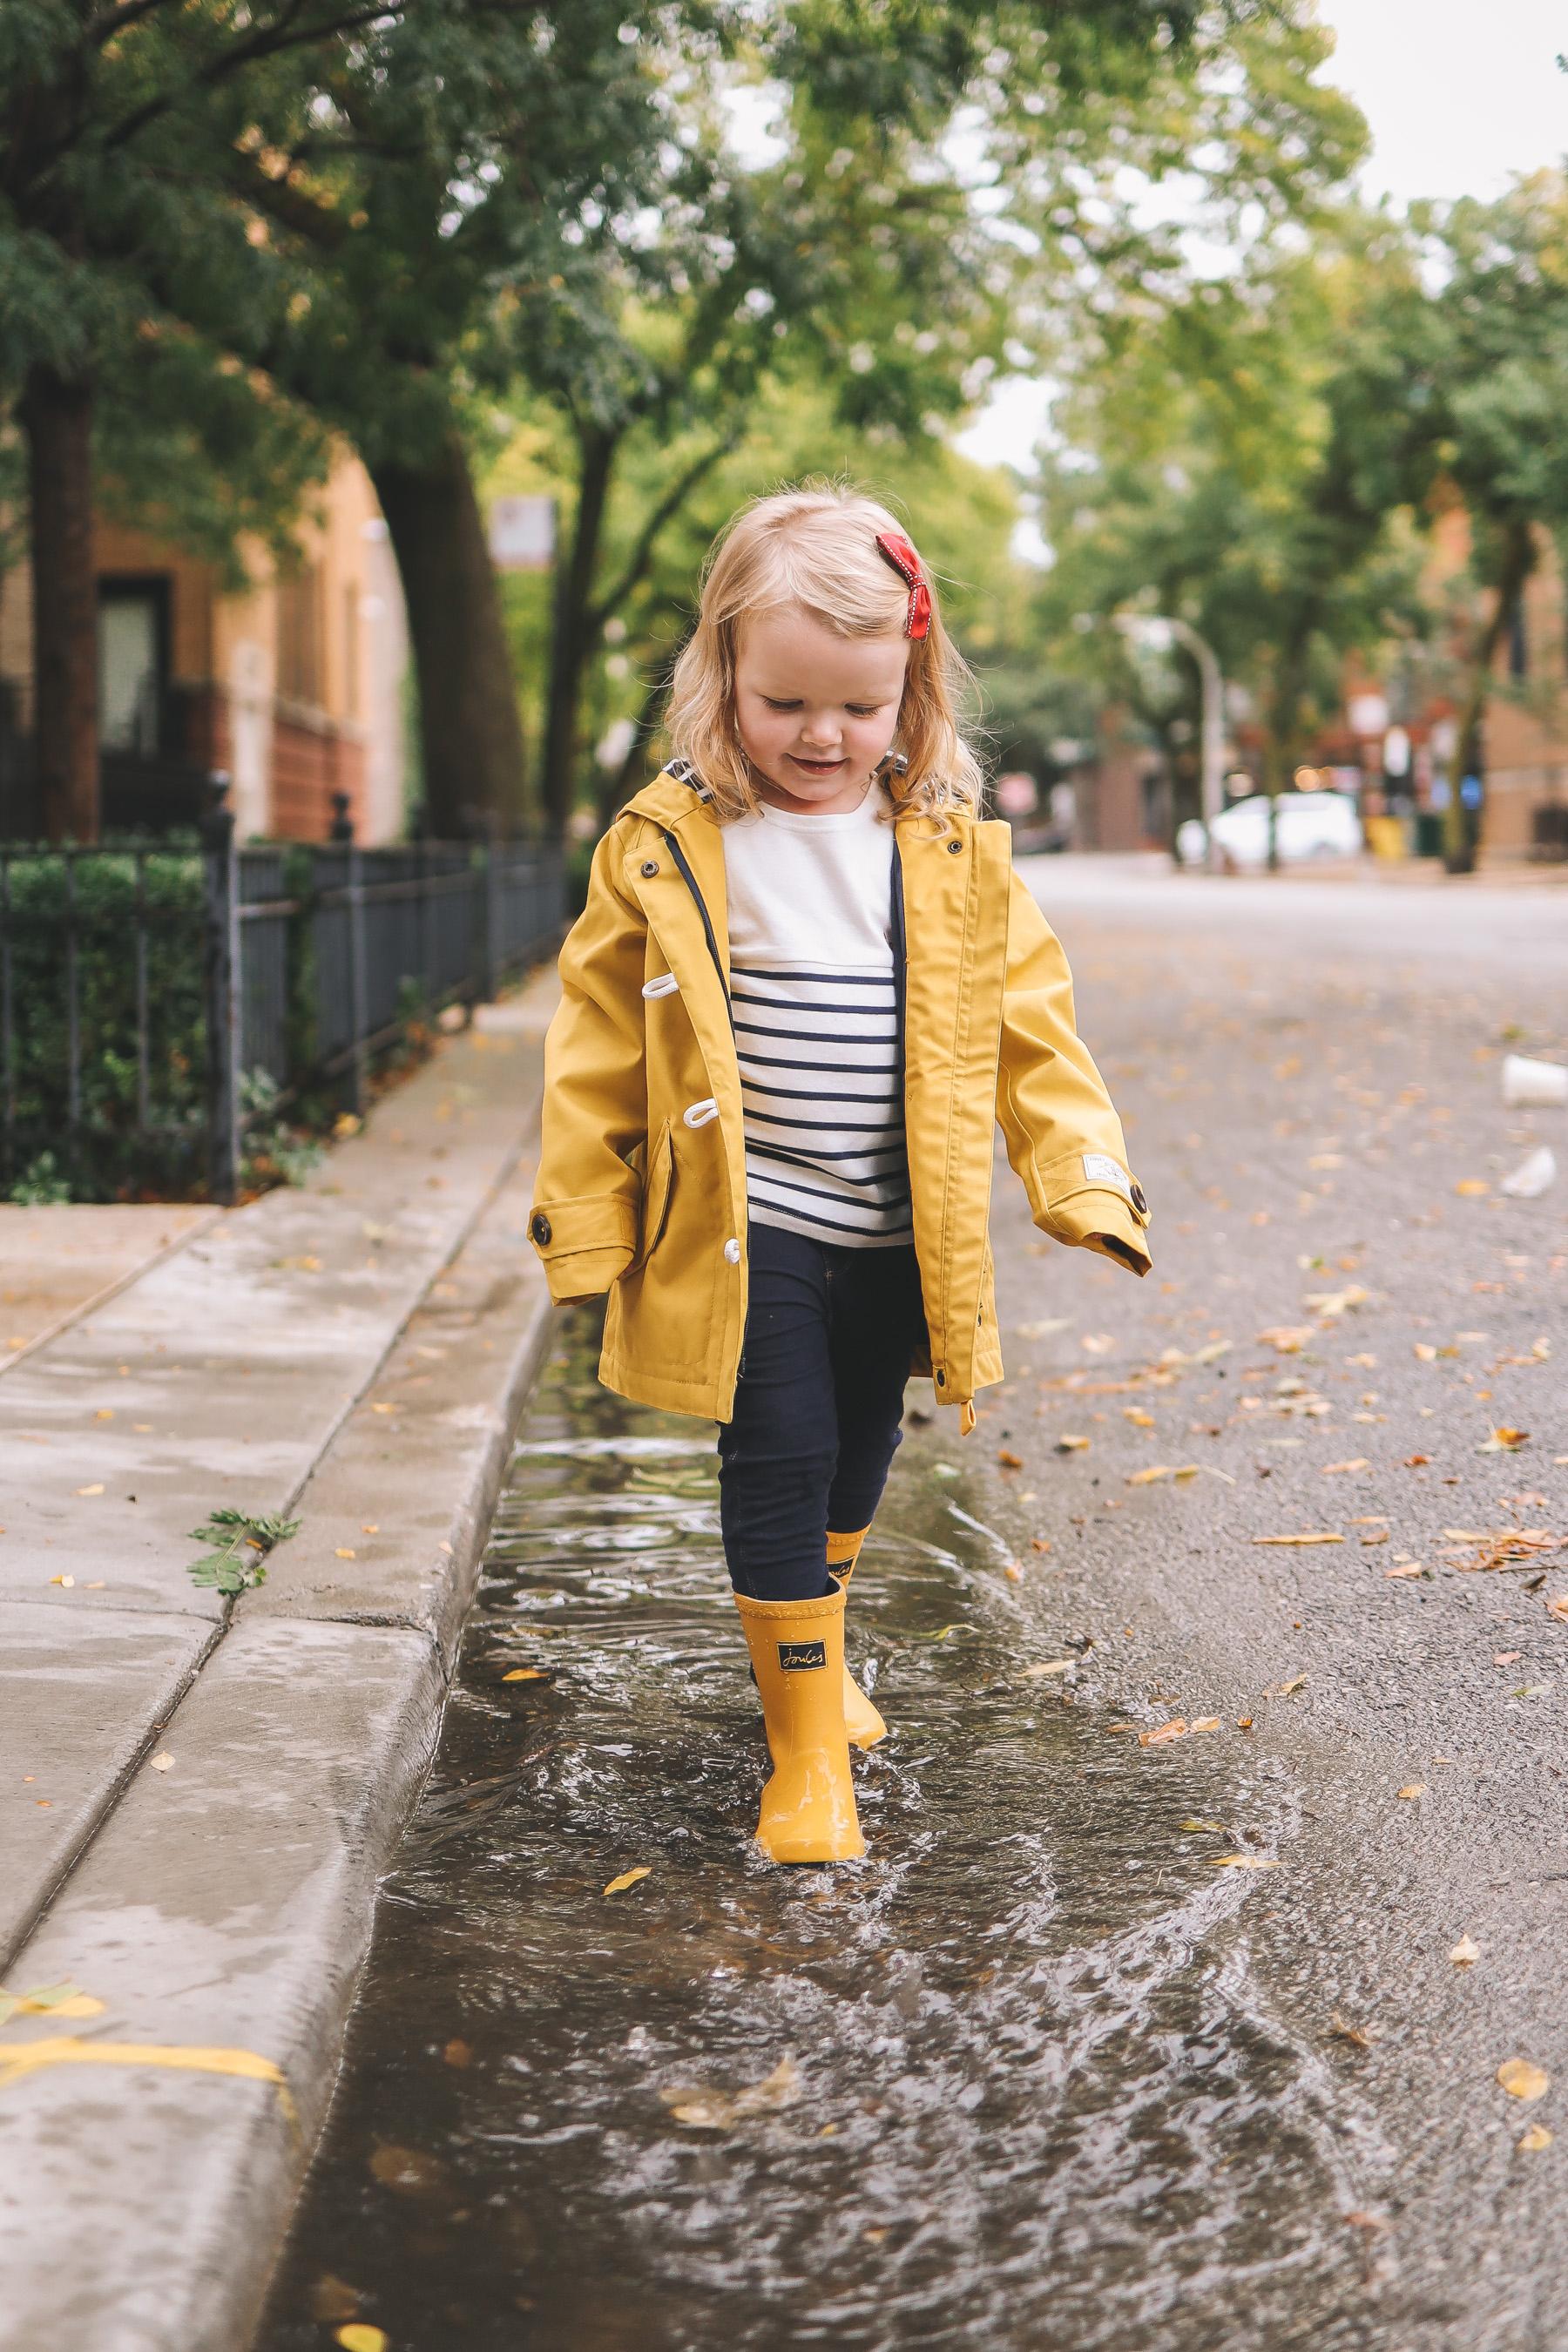 Joules rain gear